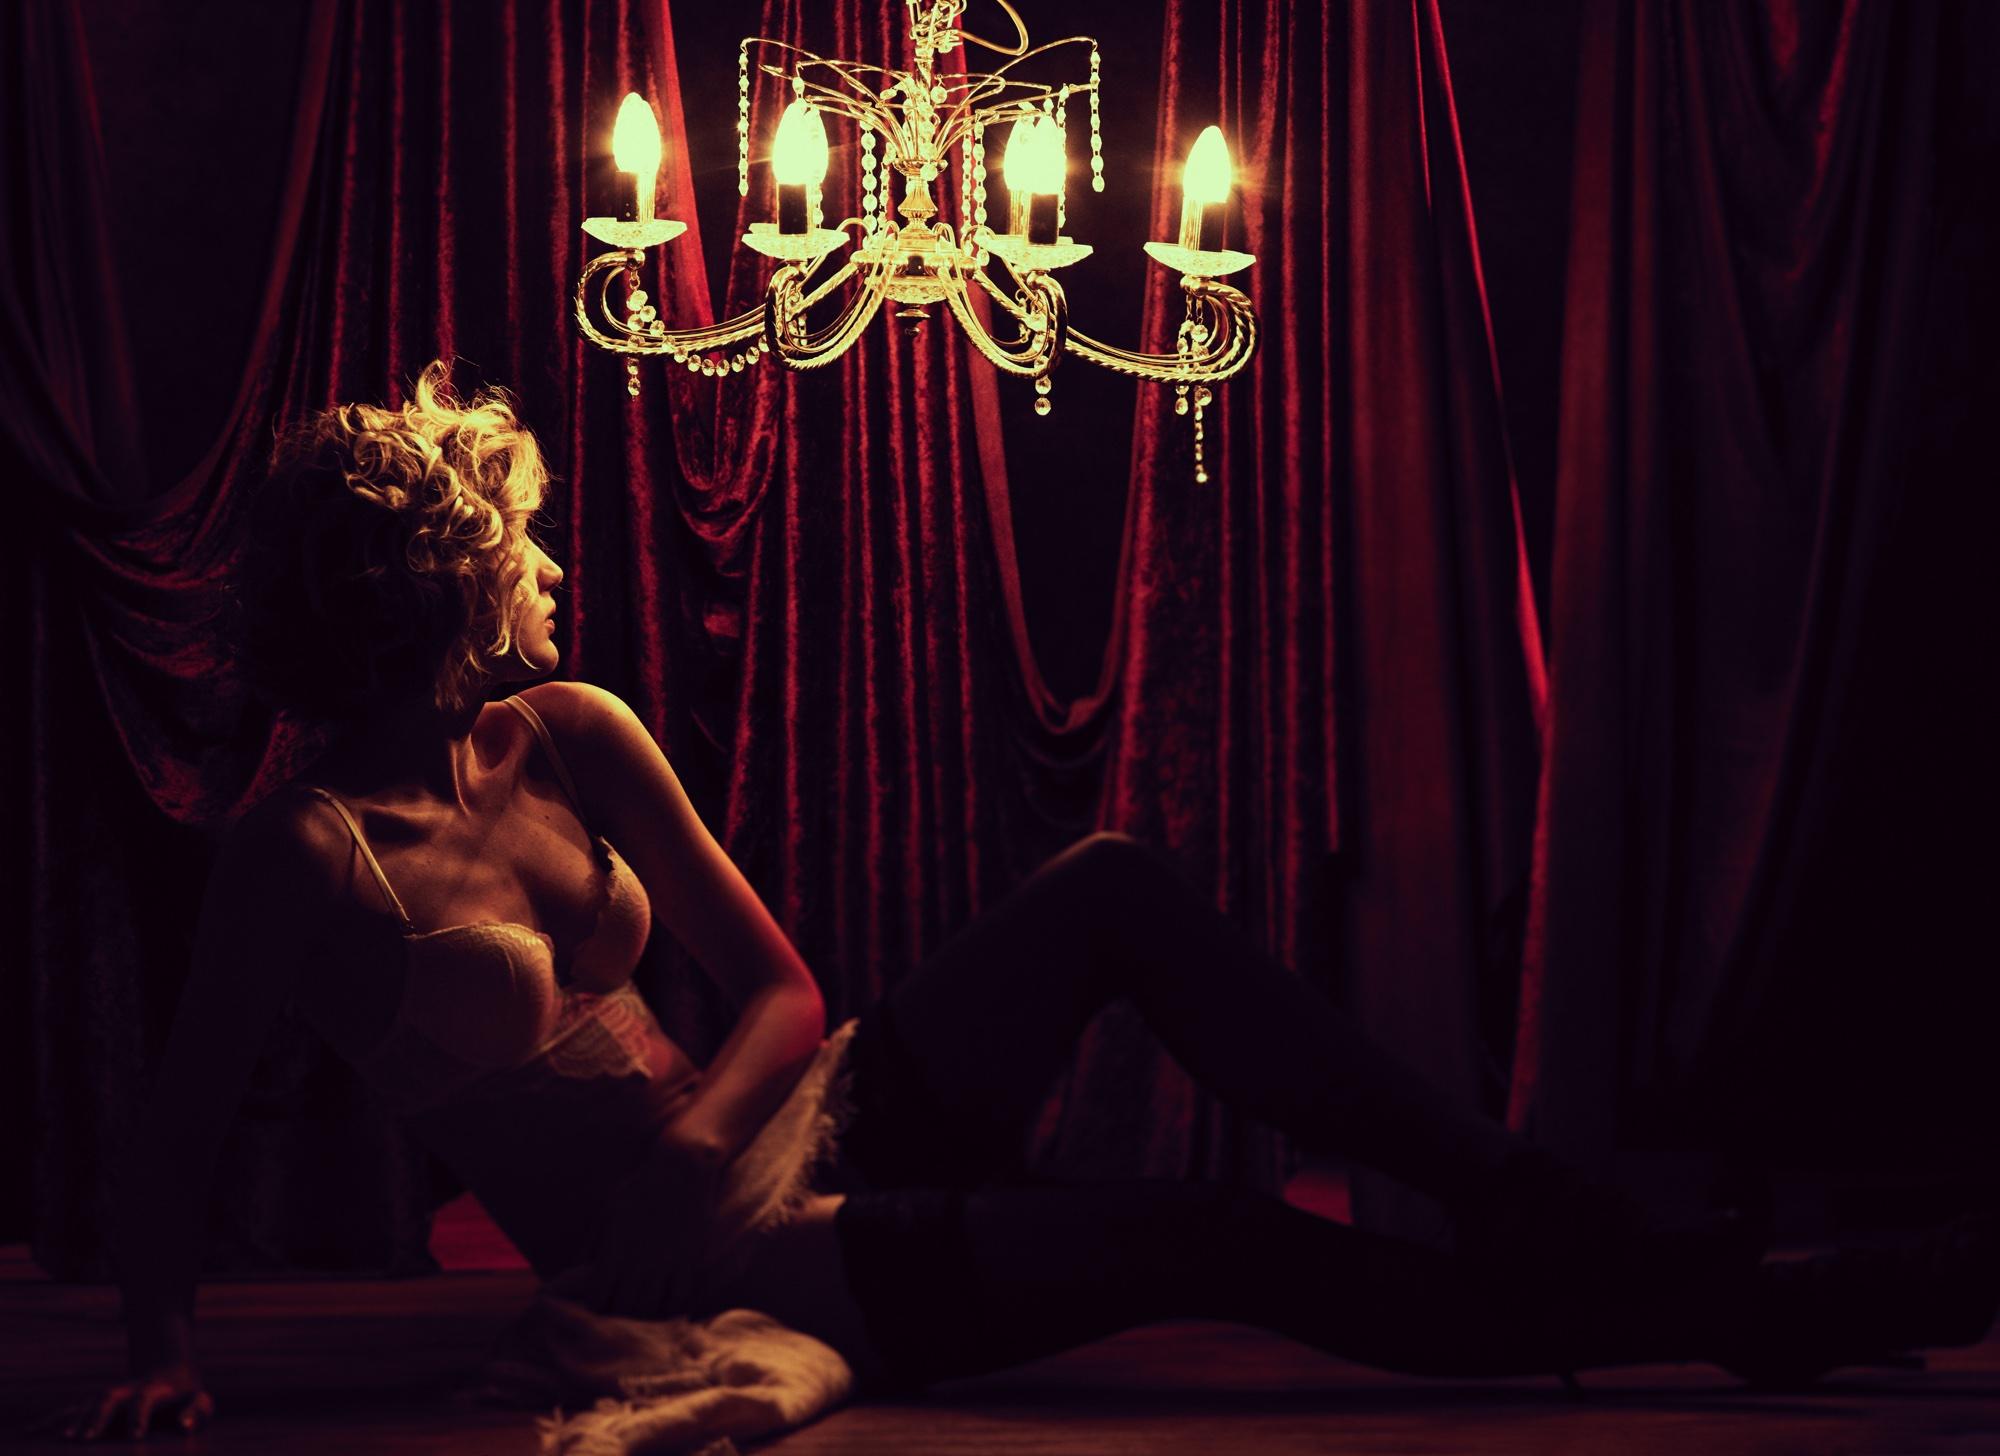 foto: © Frank Doorhof - Joke portret in bh en rode gordijnen en kaarsen